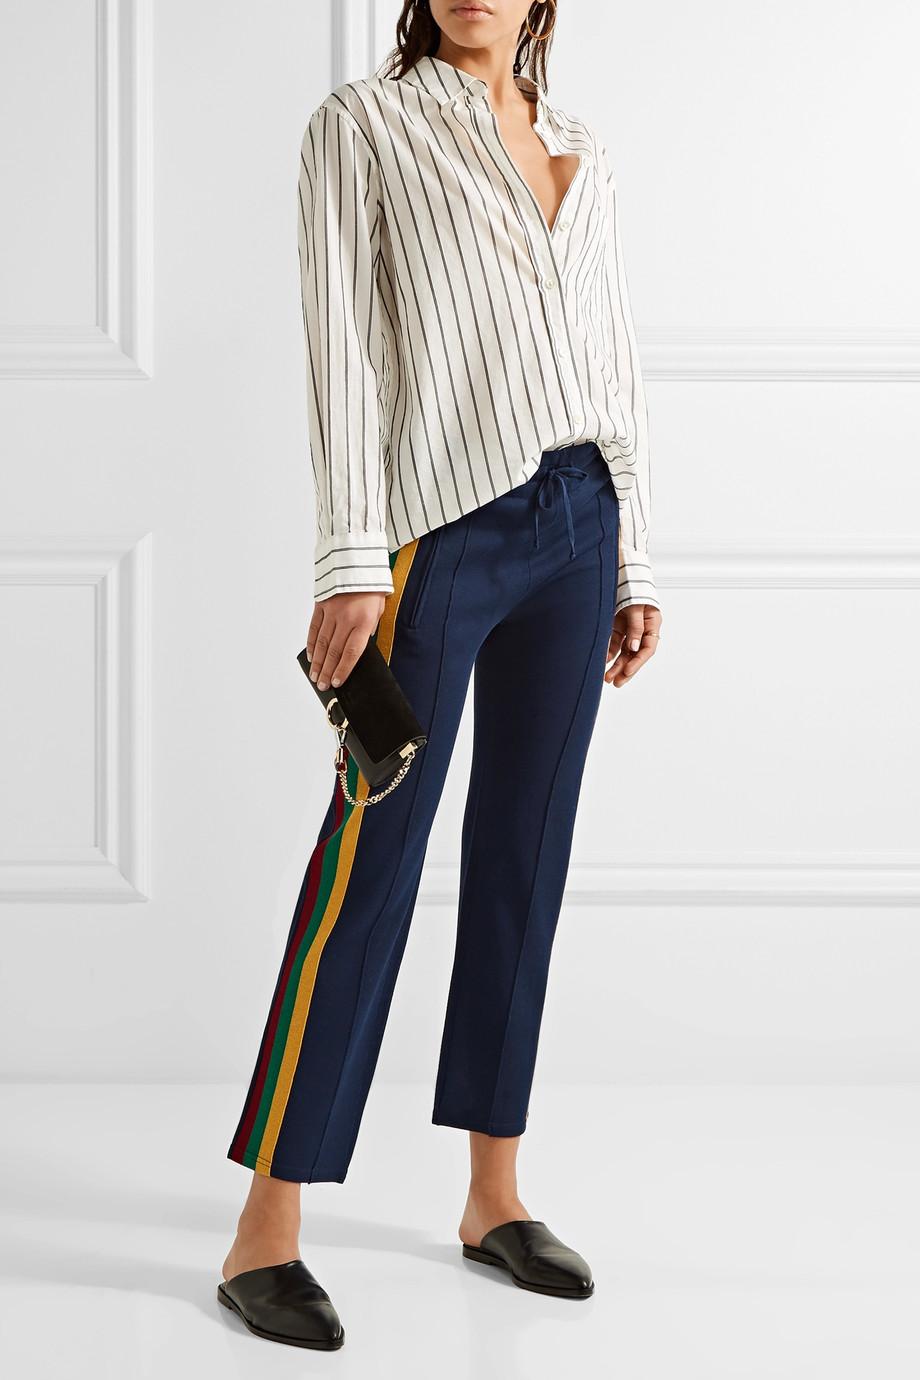 pantalon 3